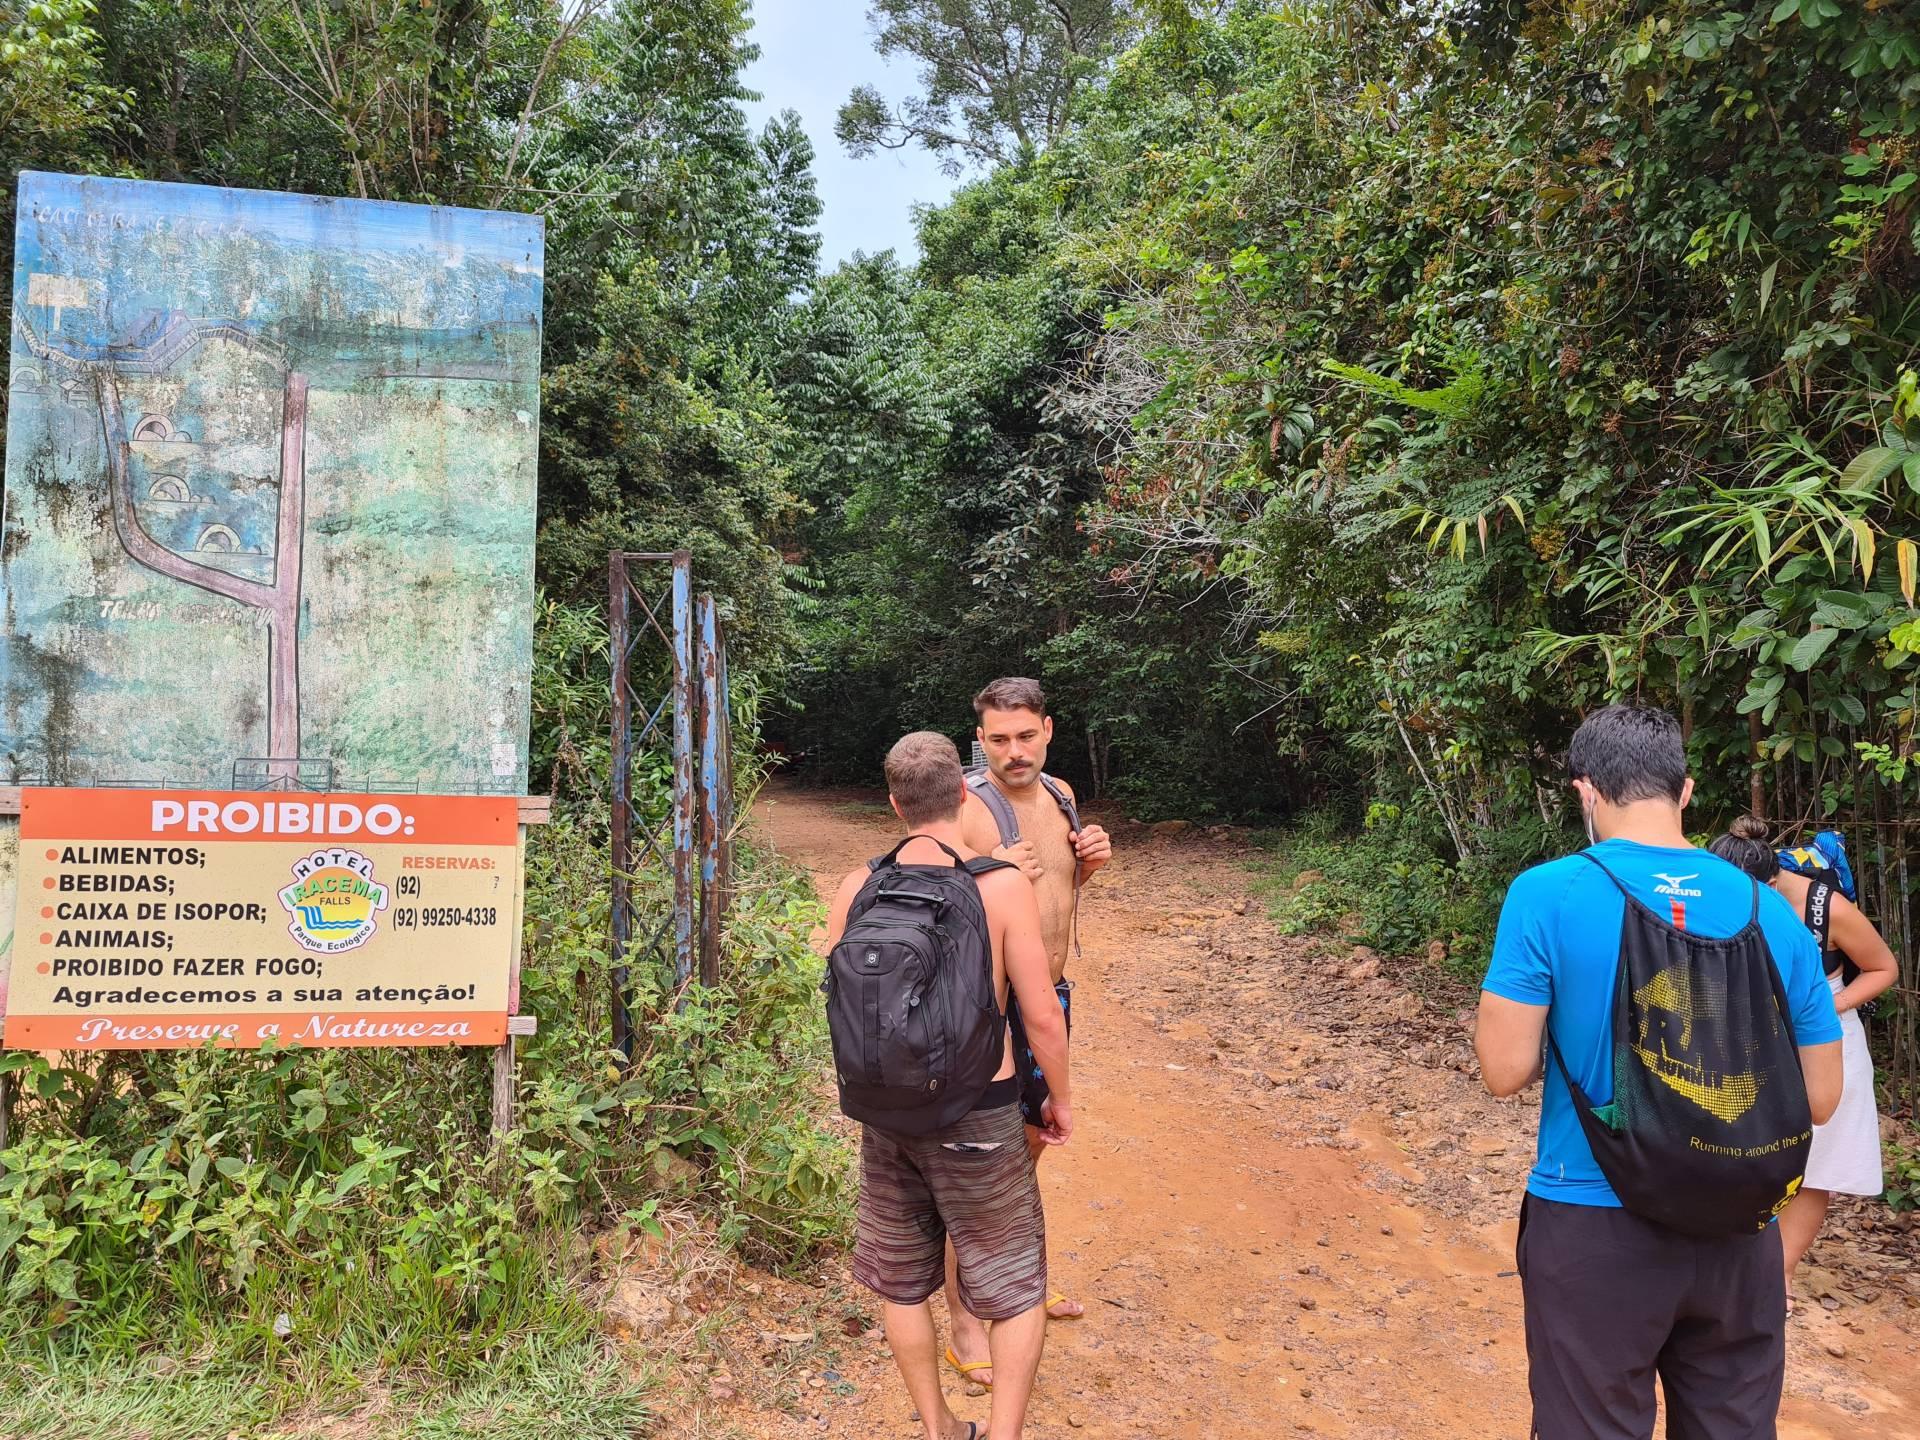 группа туристов в Бразилии